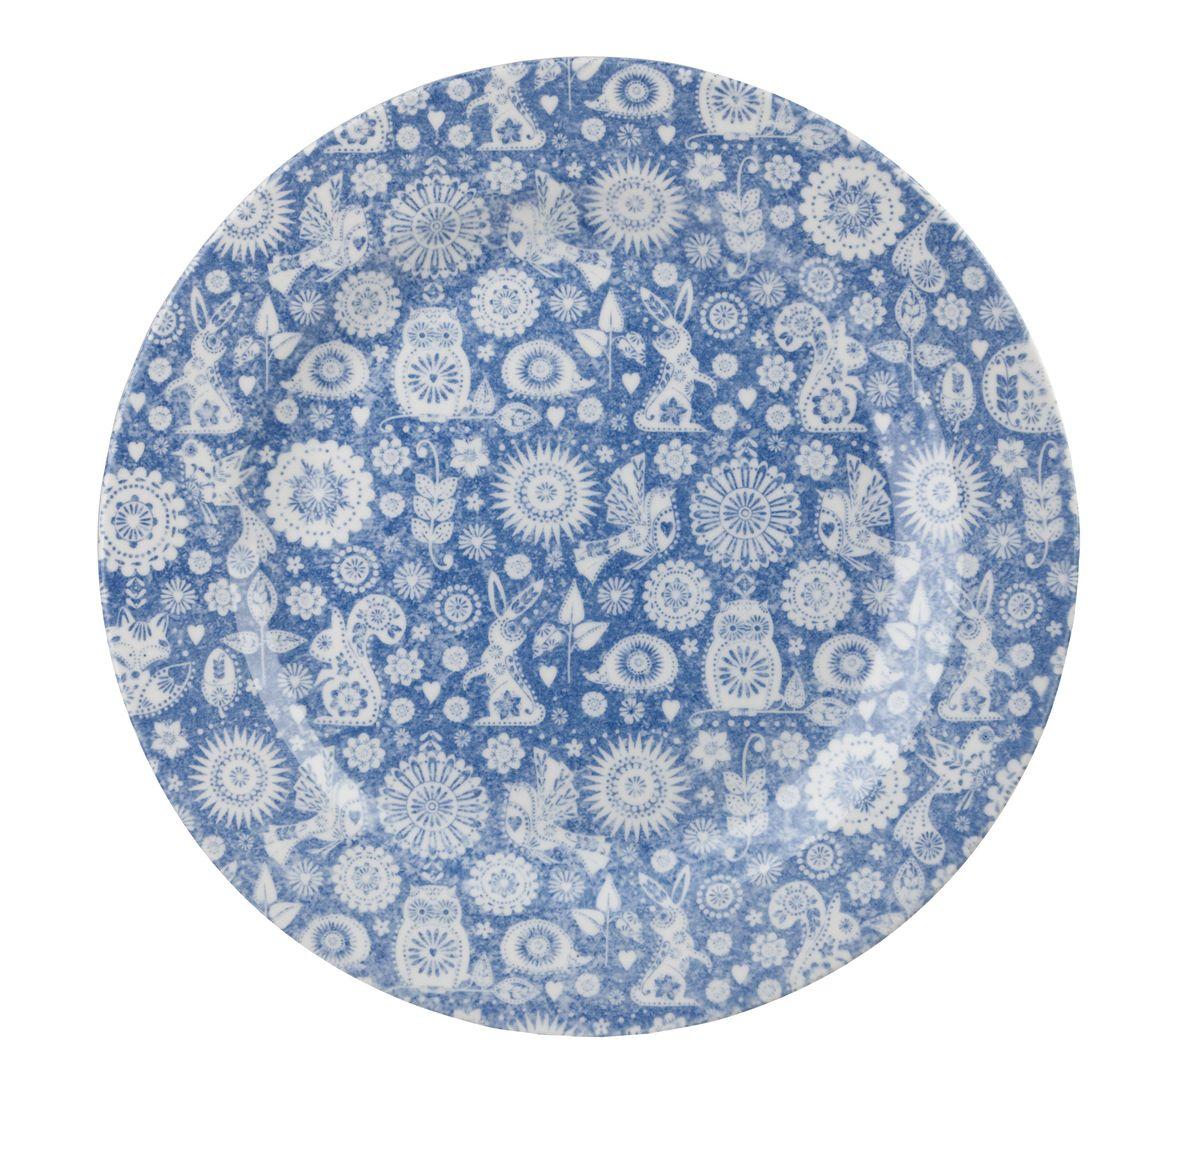 Тарелка обеденная Churchill, диаметр 26 см. PENZ00201PENZ00201Обеденная тарелка Churchill изготовлена из высококачественного фаянса. Изделие оформлено красивым рисунком. Оно прекрасно впишется в интерьер вашей кухни и станет достойным дополнением к кухонному инвентарю. Тарелка Churchill подчеркнет прекрасный вкус хозяйки и станет отличным подарком. Можно мыть в посудомоечной машине и использовать в микроволновой печи.Диаметр тарелки (по верхнему краю): 26 см.